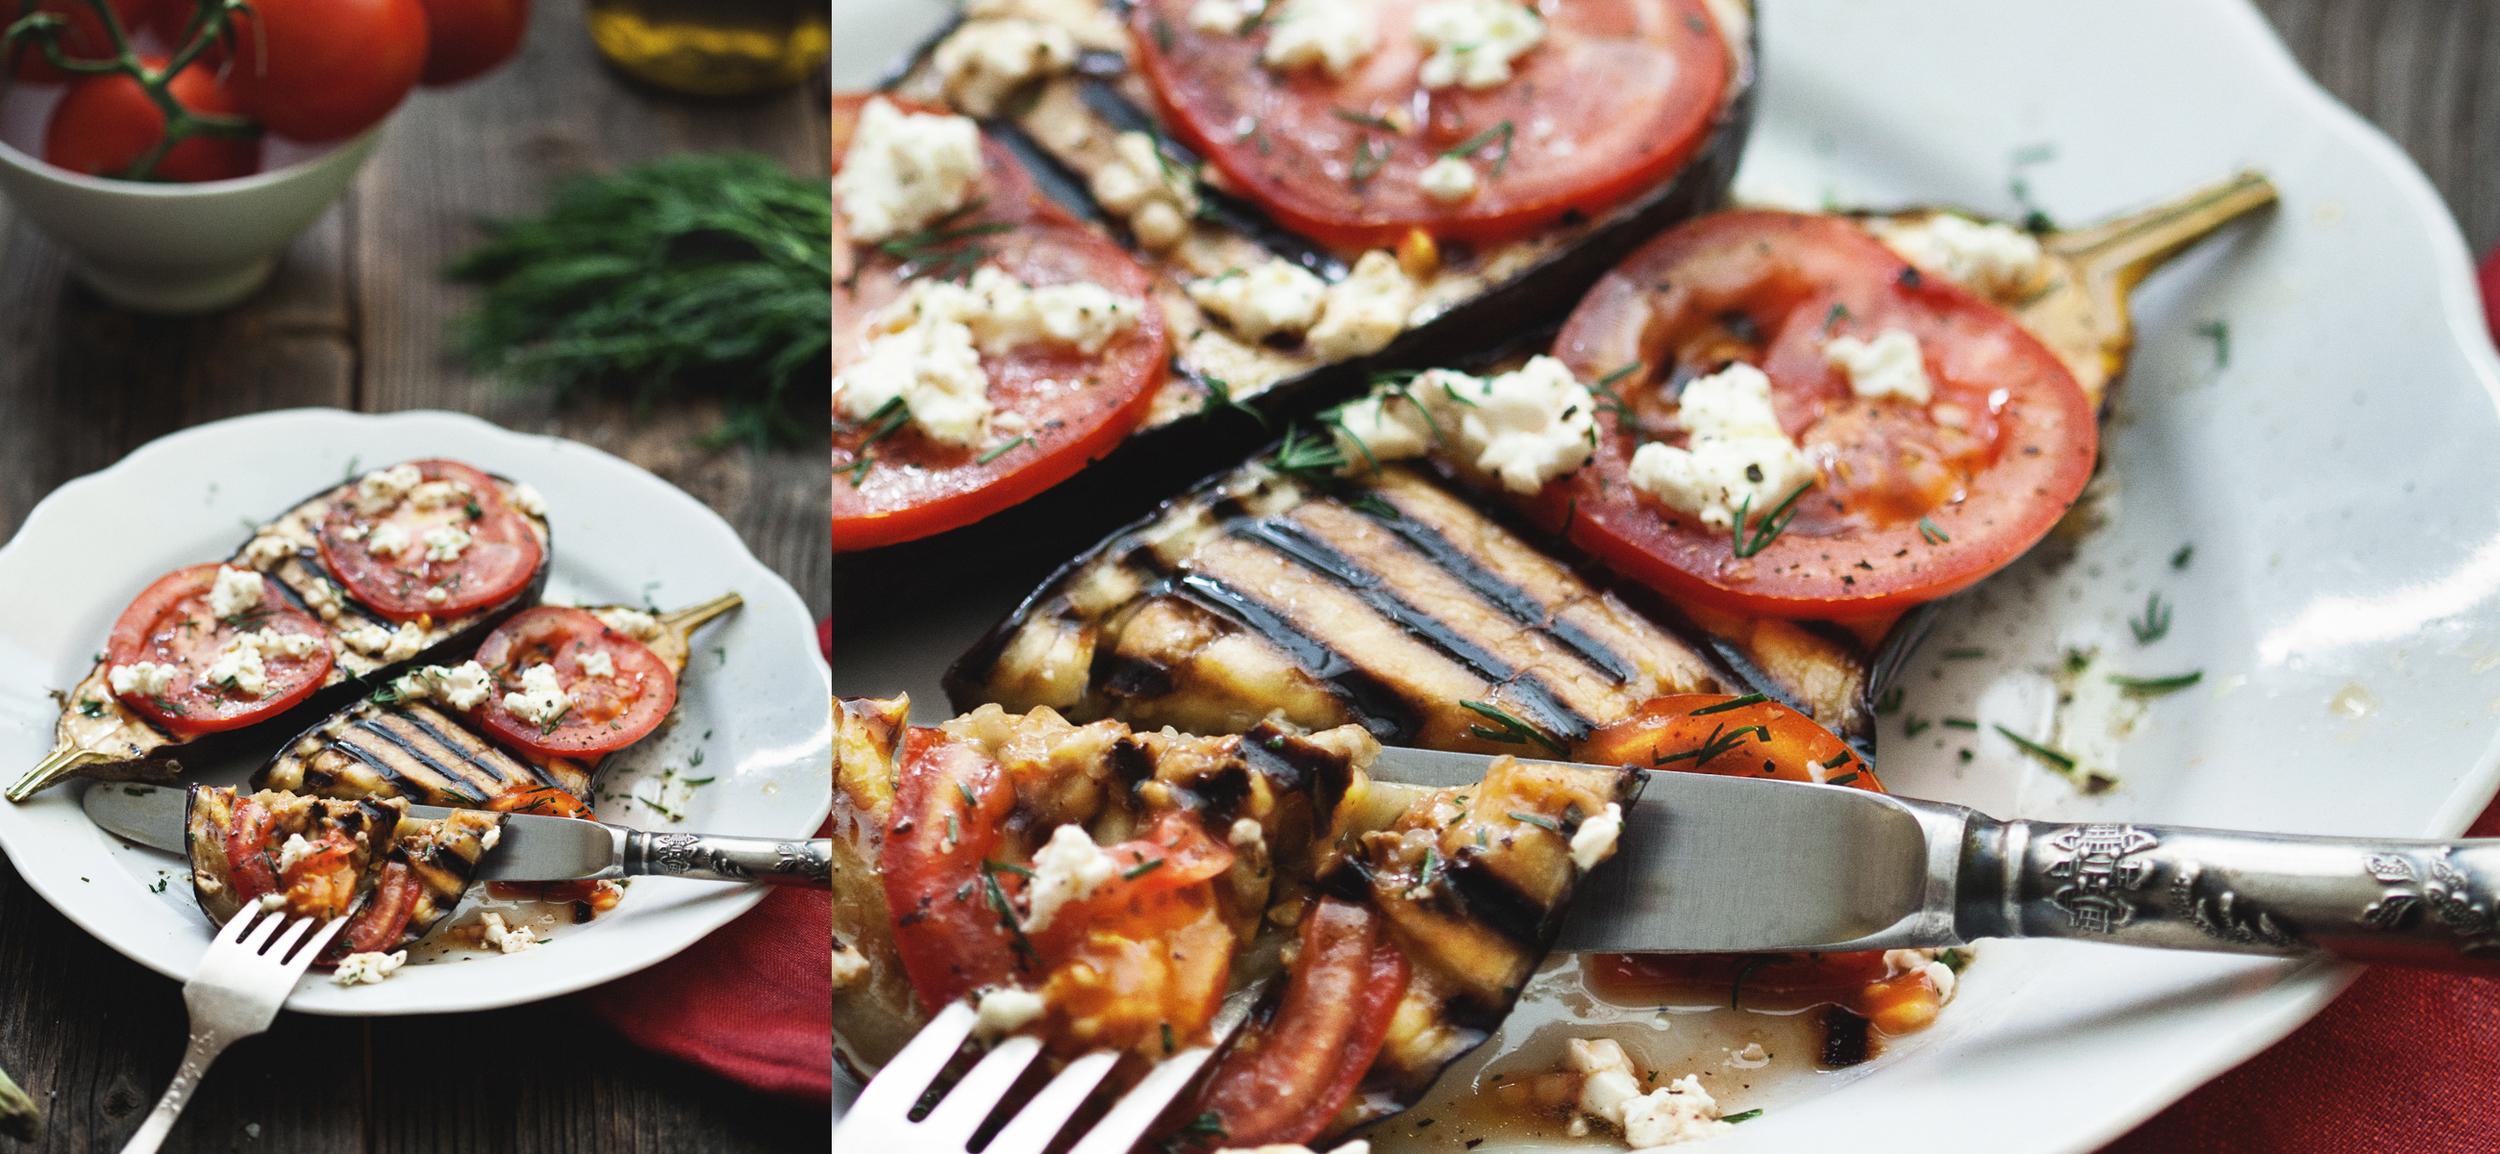 Food_005.jpg